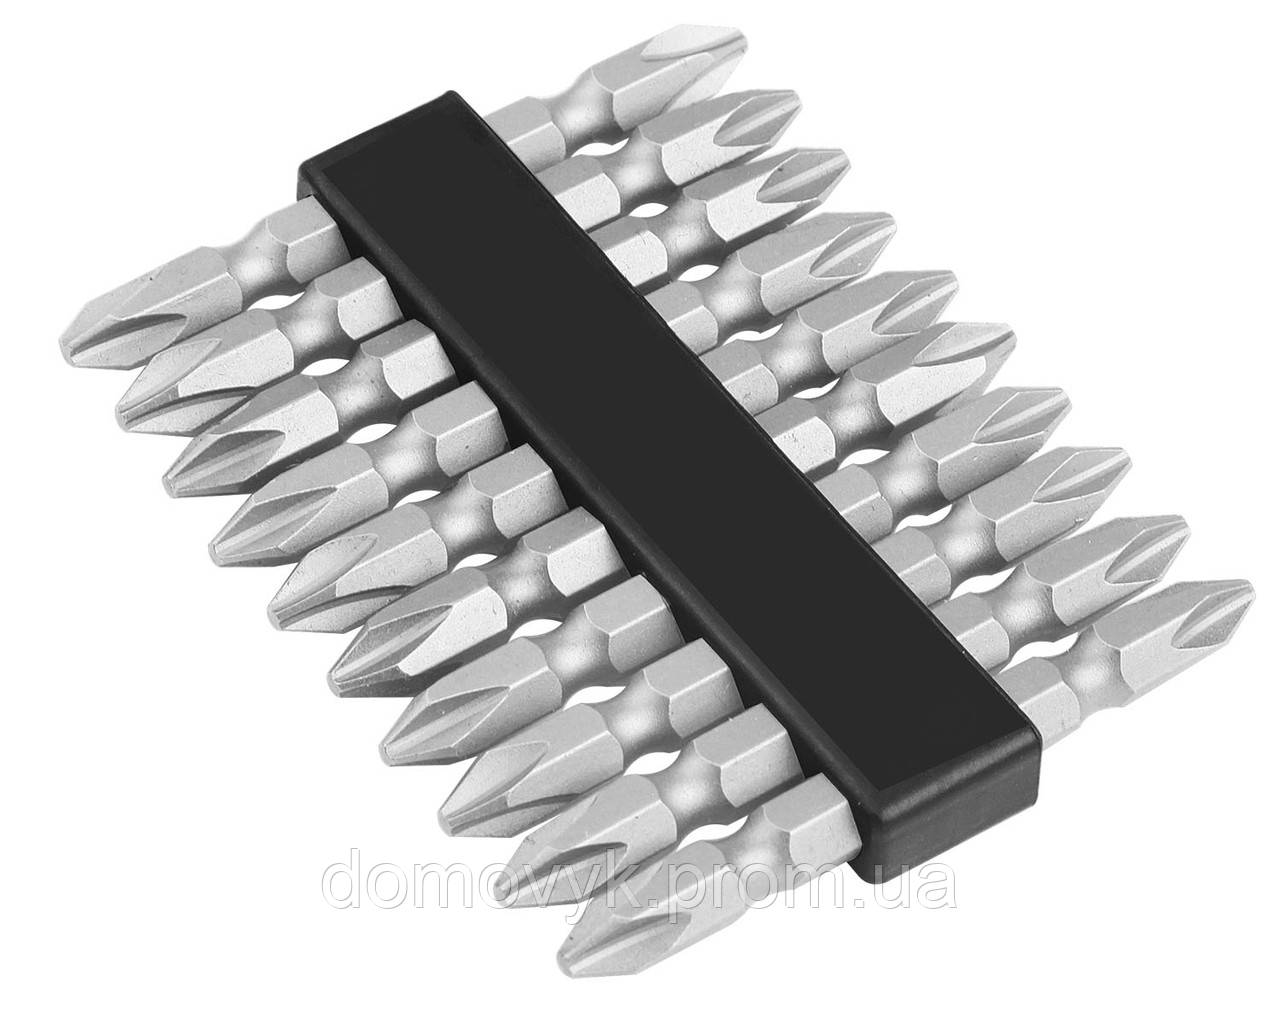 Биты двухсторонние S2 крестовые РН 2х65 мм, 10шт Tolsen (20360)